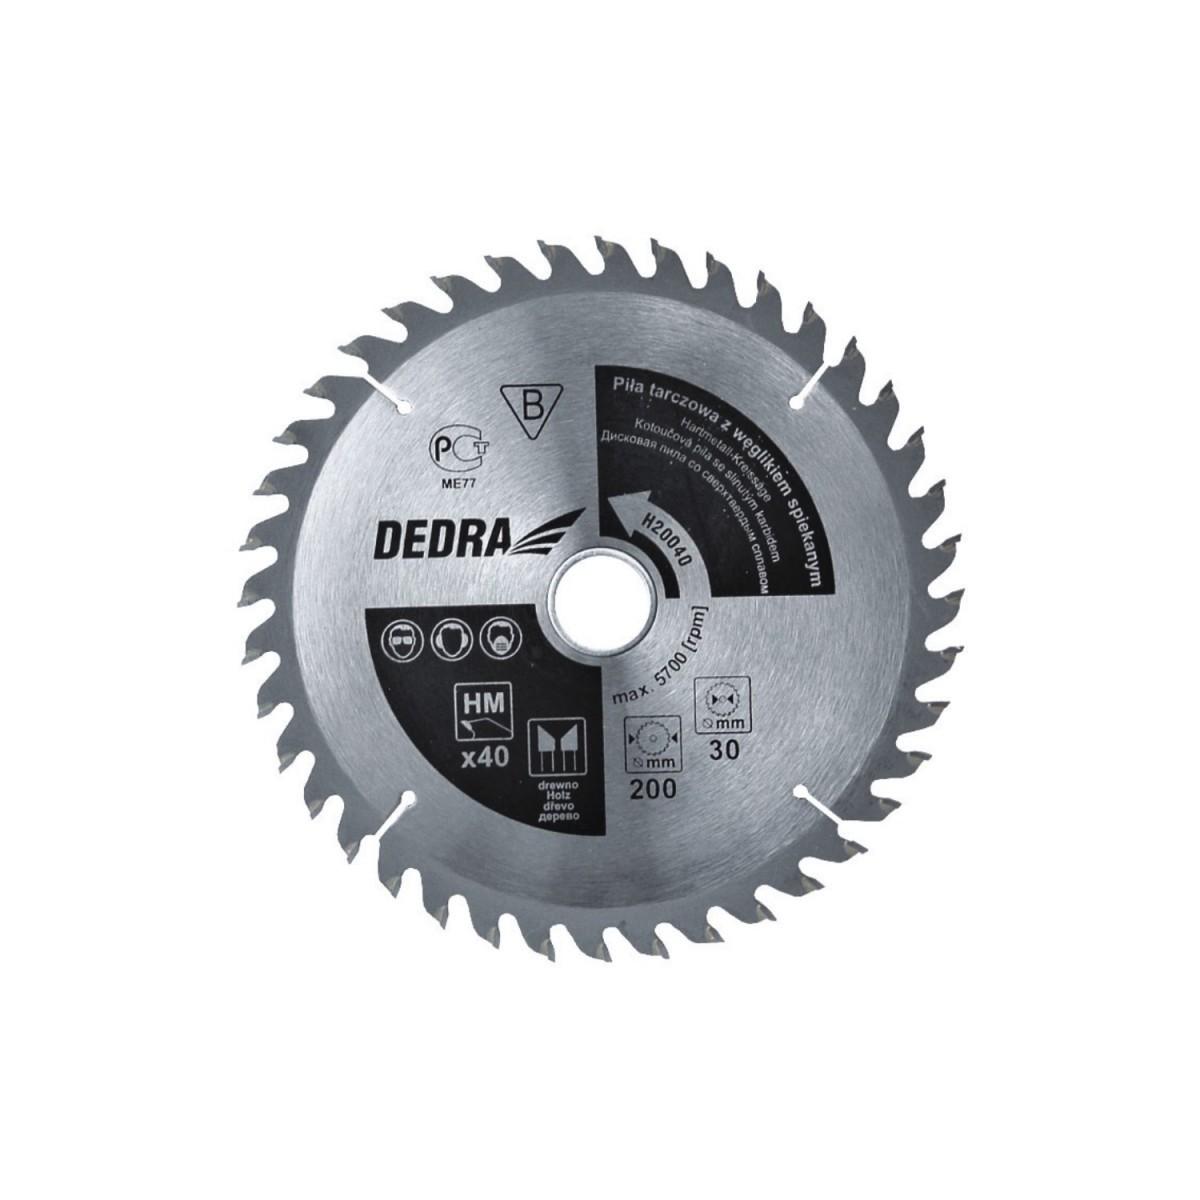 Piła 24T, 180 x 20 mm DEDRA - H18024 Piła 24T, 180 x 20 mm DEDRA - H18024